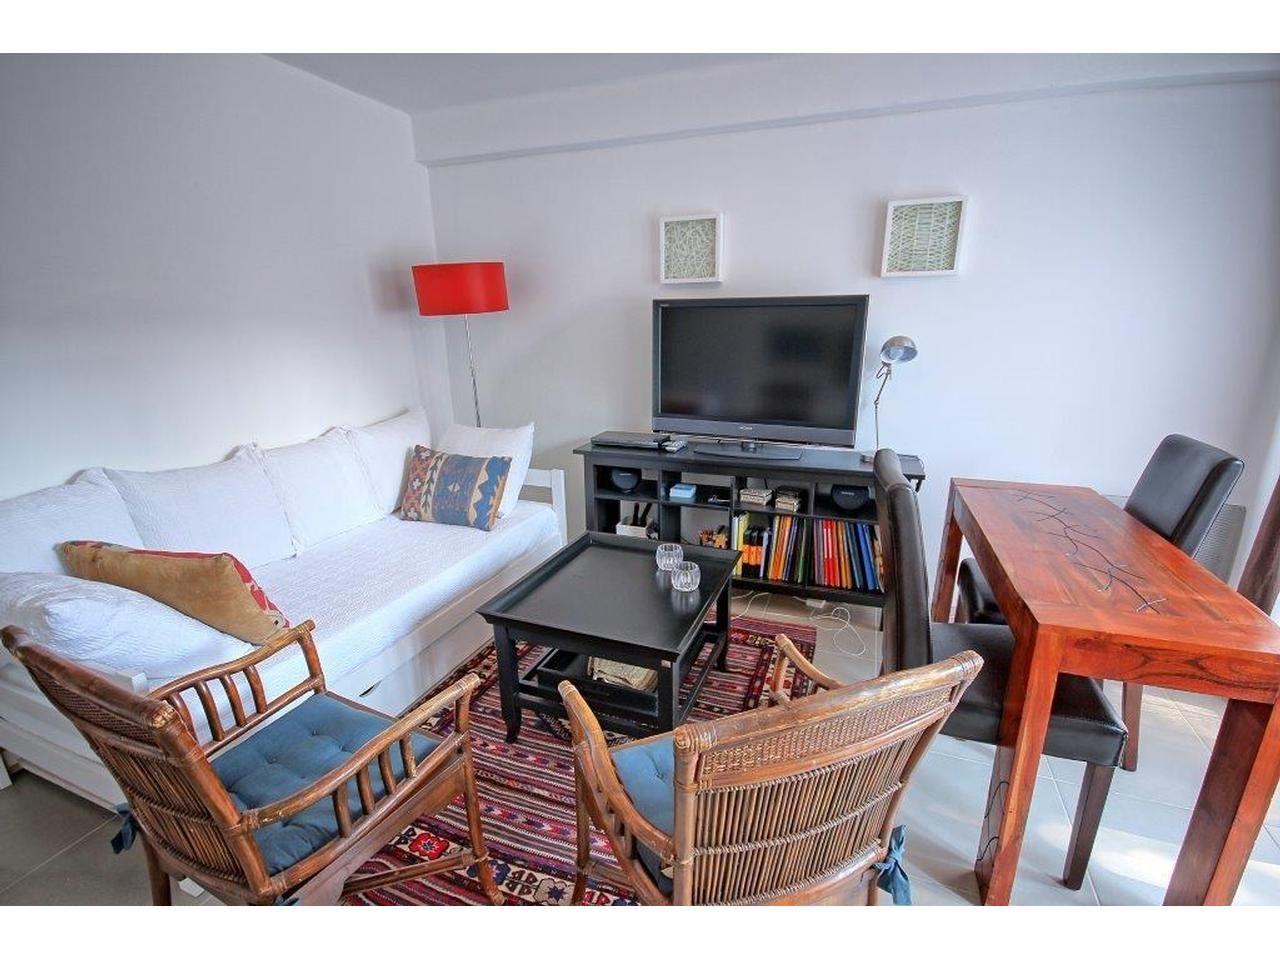 Квартира в Антибе, Франция, 35 м2 - фото 1